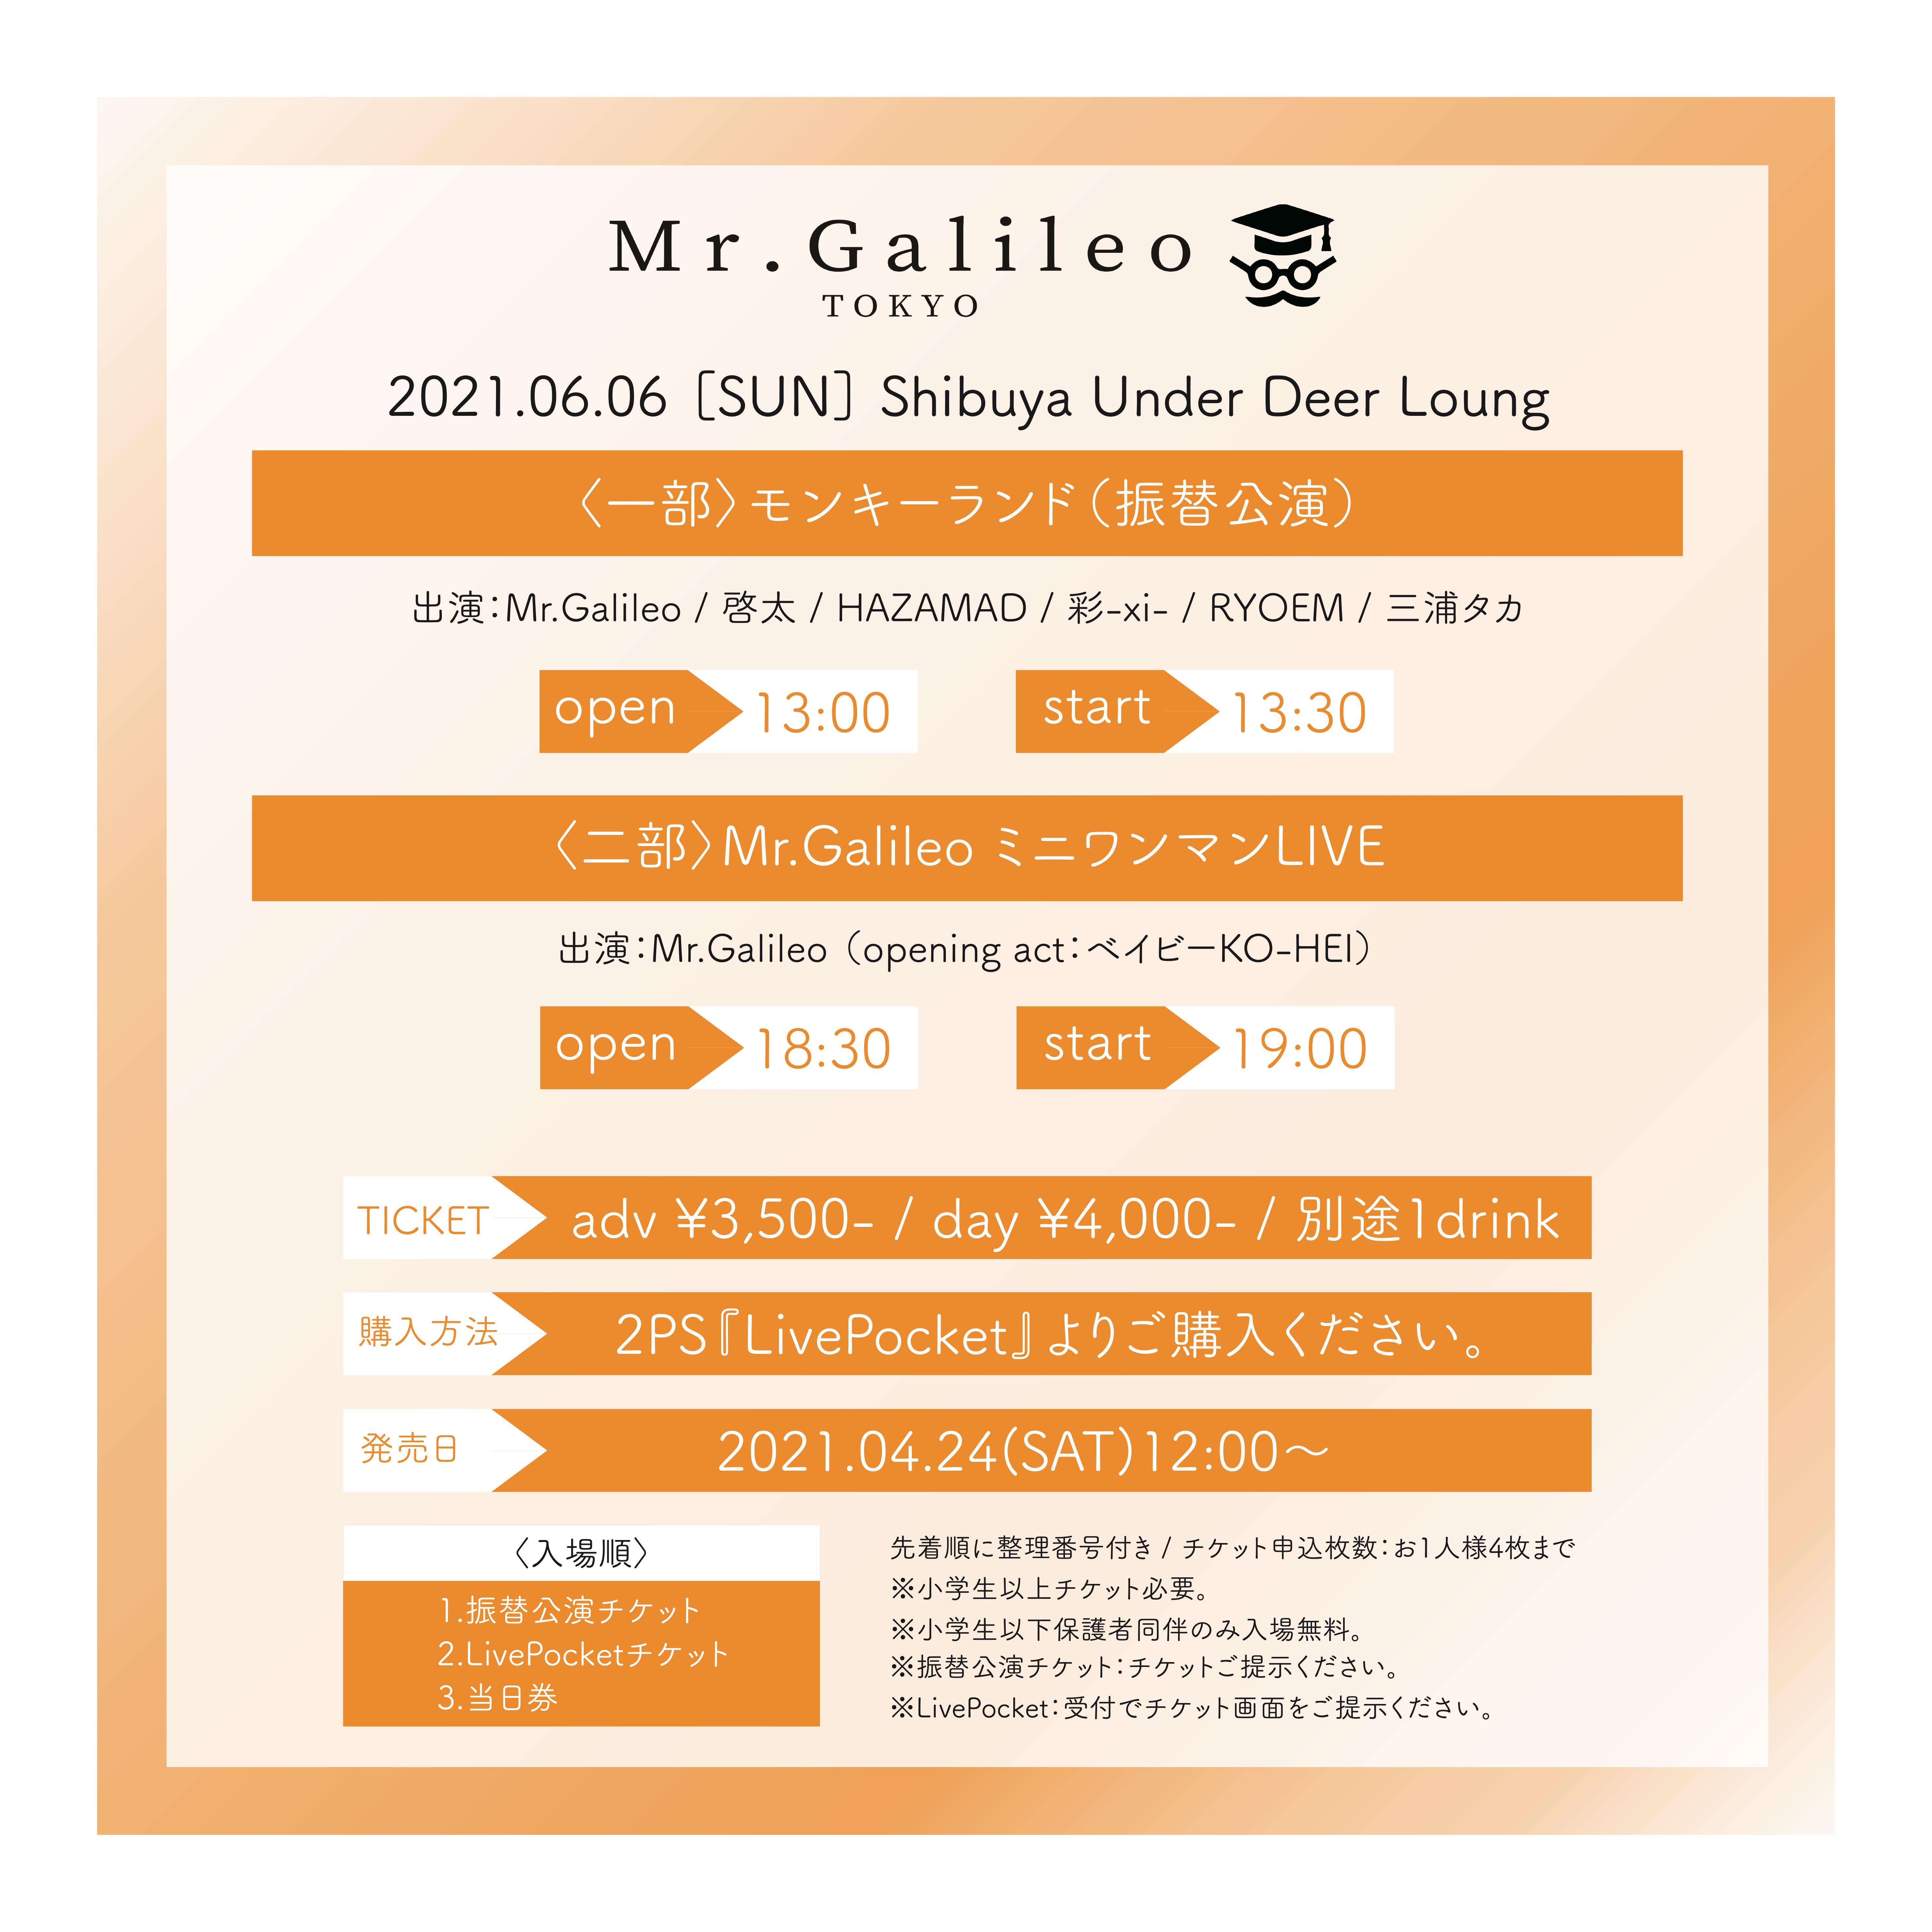 【1部公演】モンキーランド(振替公演) / 【2部公演】Mr.Galileo ワンマンLIVE